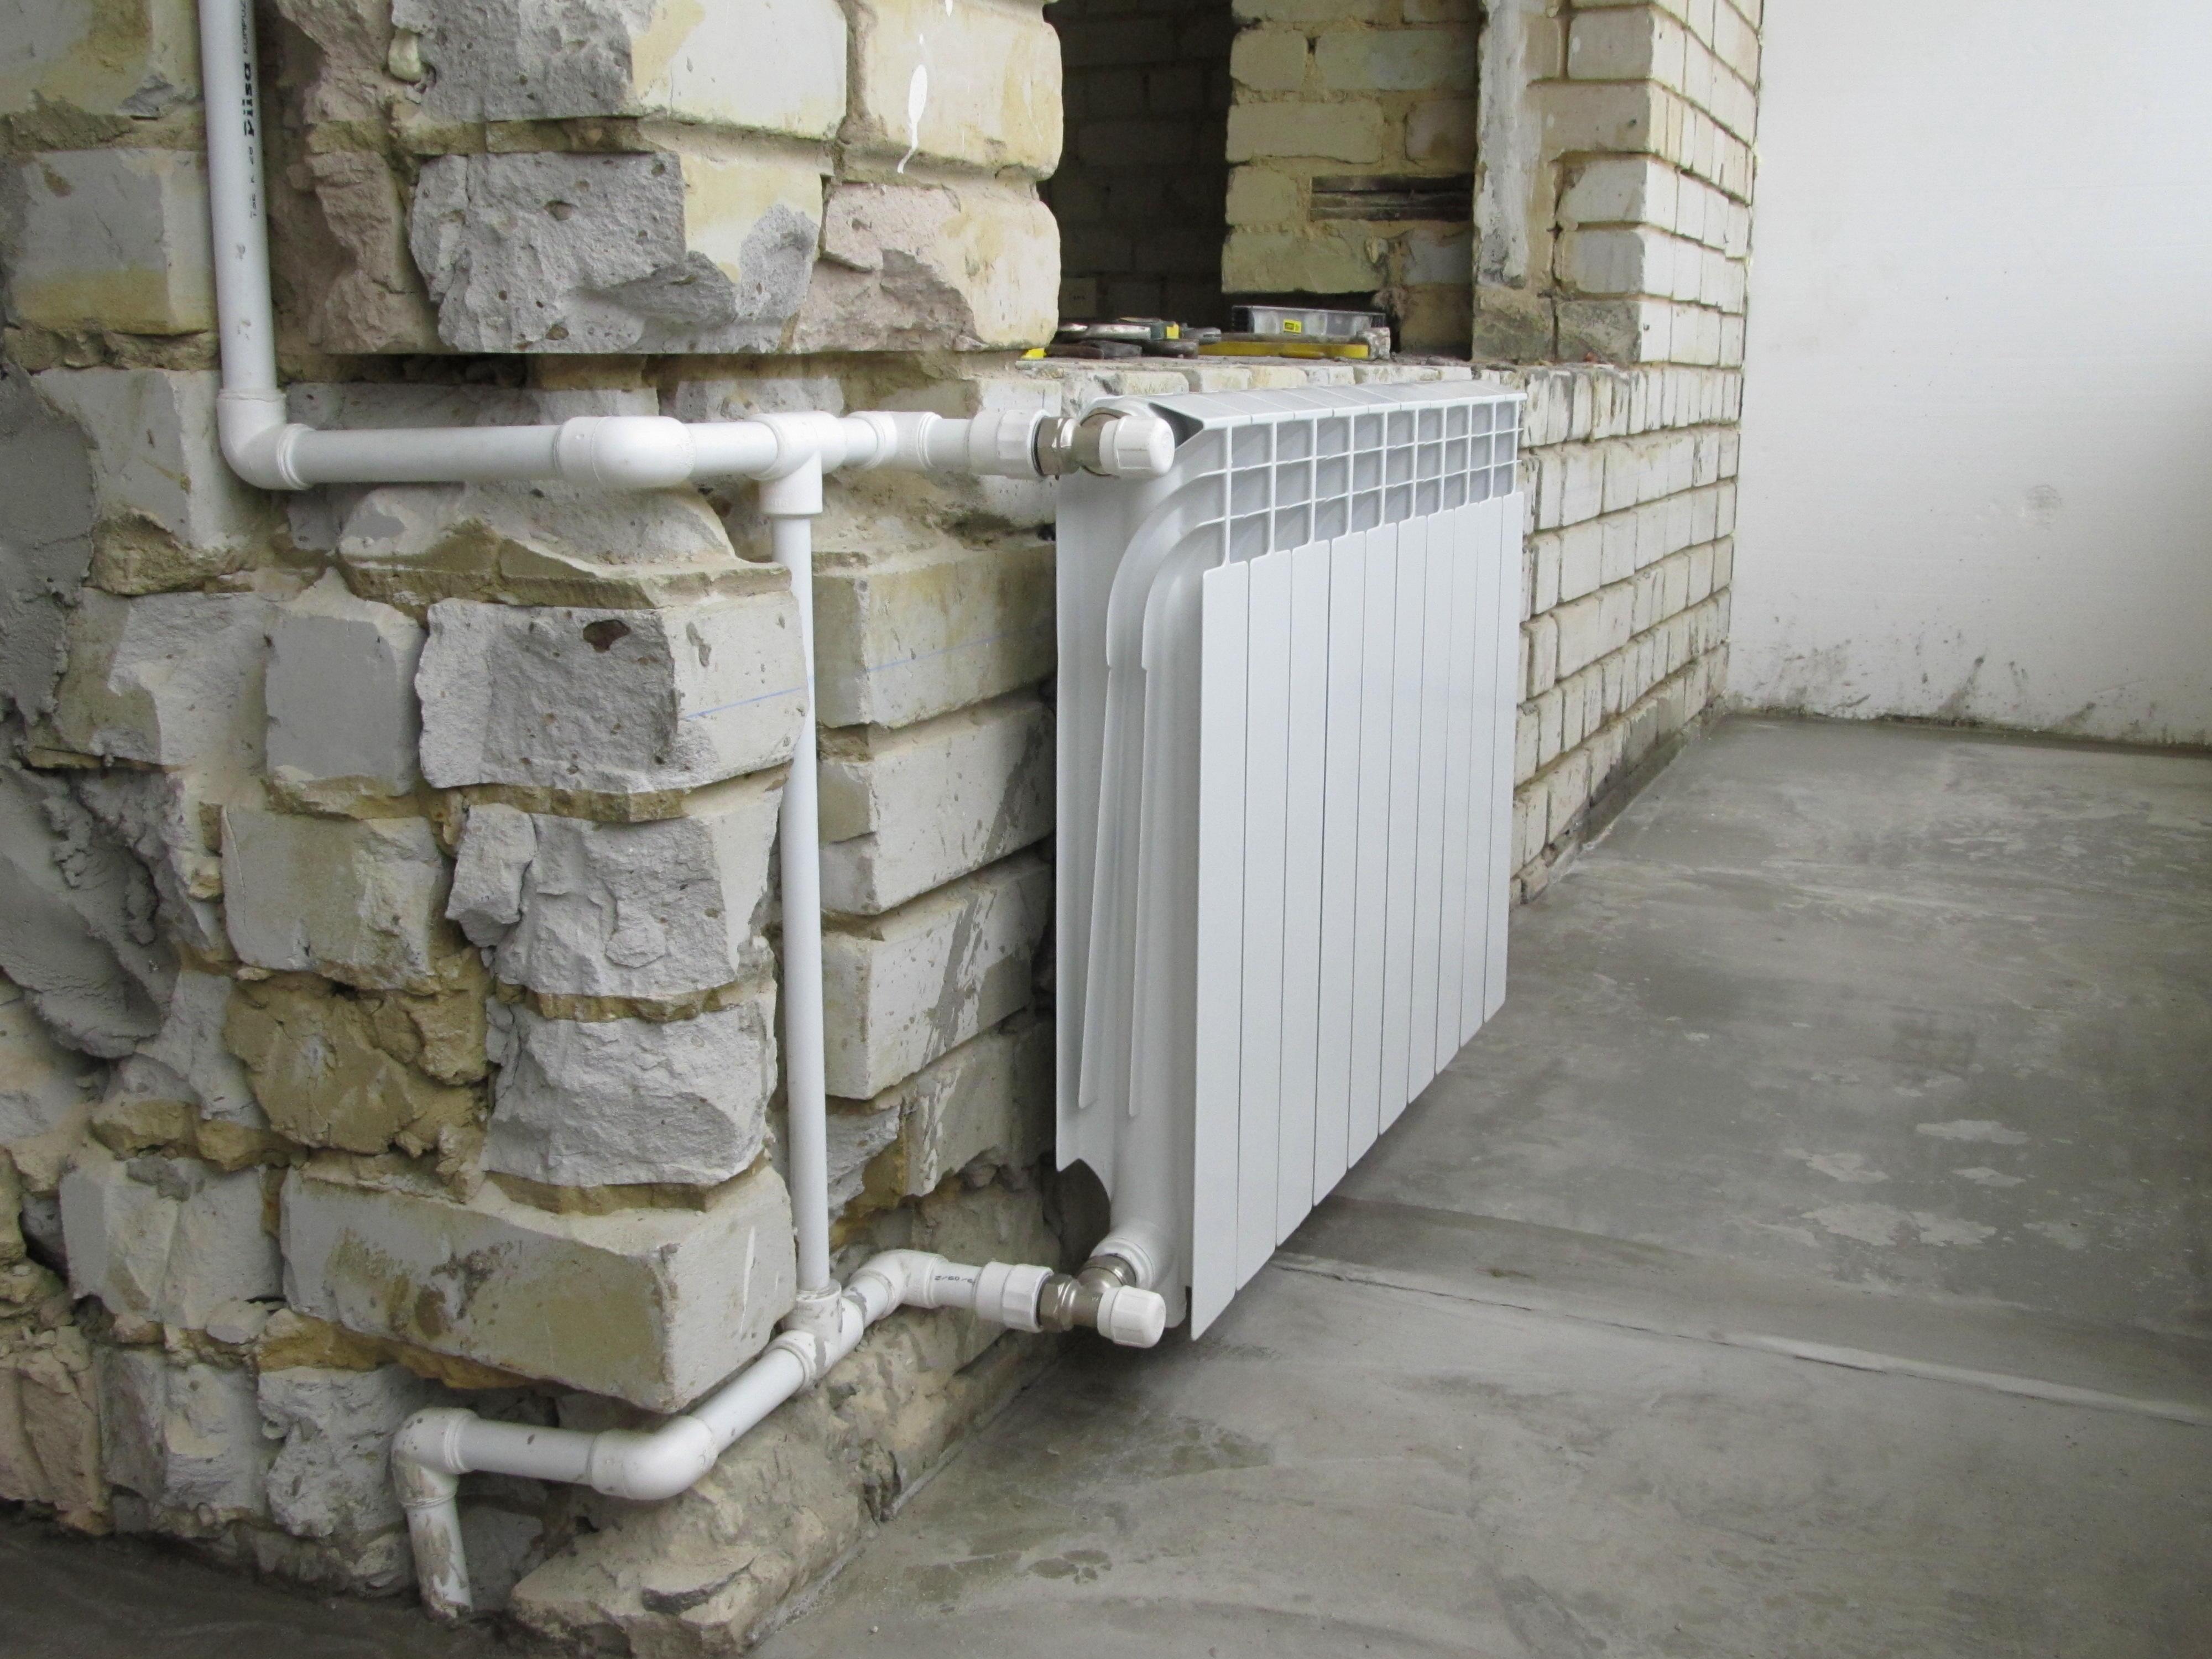 Перенос батареи на лоджию: батарея на балконе разрешение, ка.